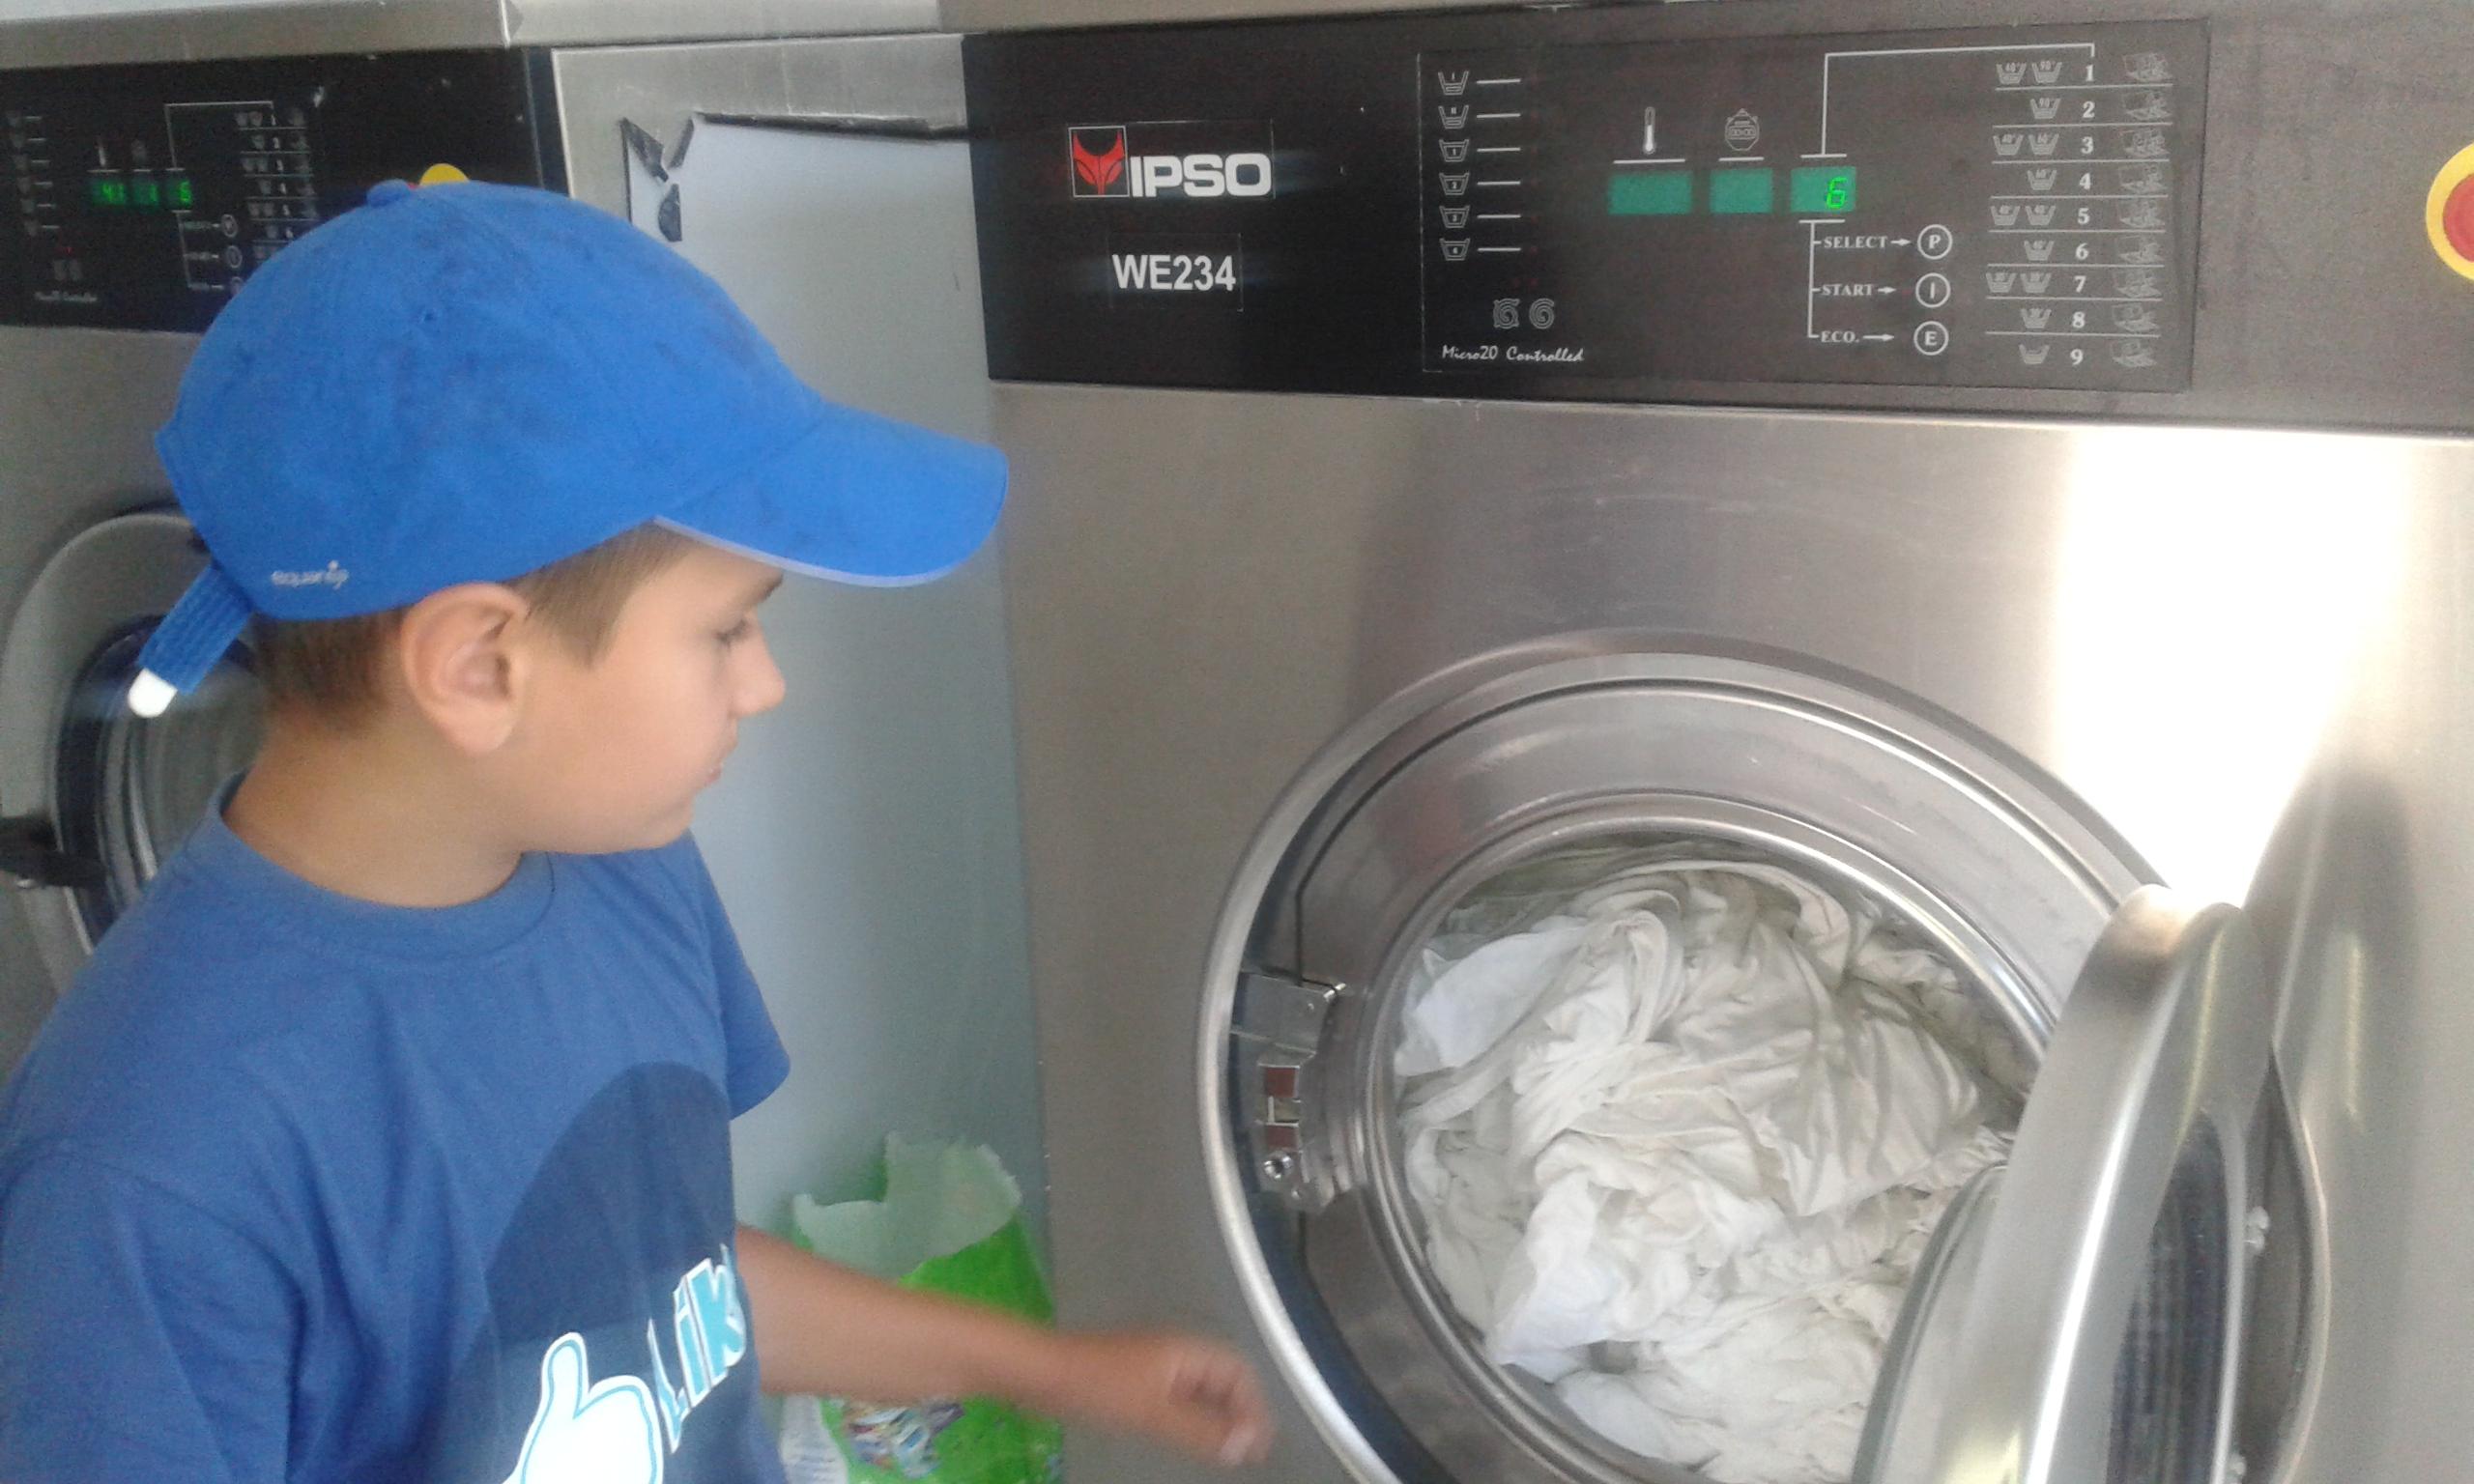 """""""Ani de zile copilul meu a iubit o mașină de spălat mai mult decât un om"""". 10 soluții care au funcționat pentru a-l învață să iubească oamenii"""